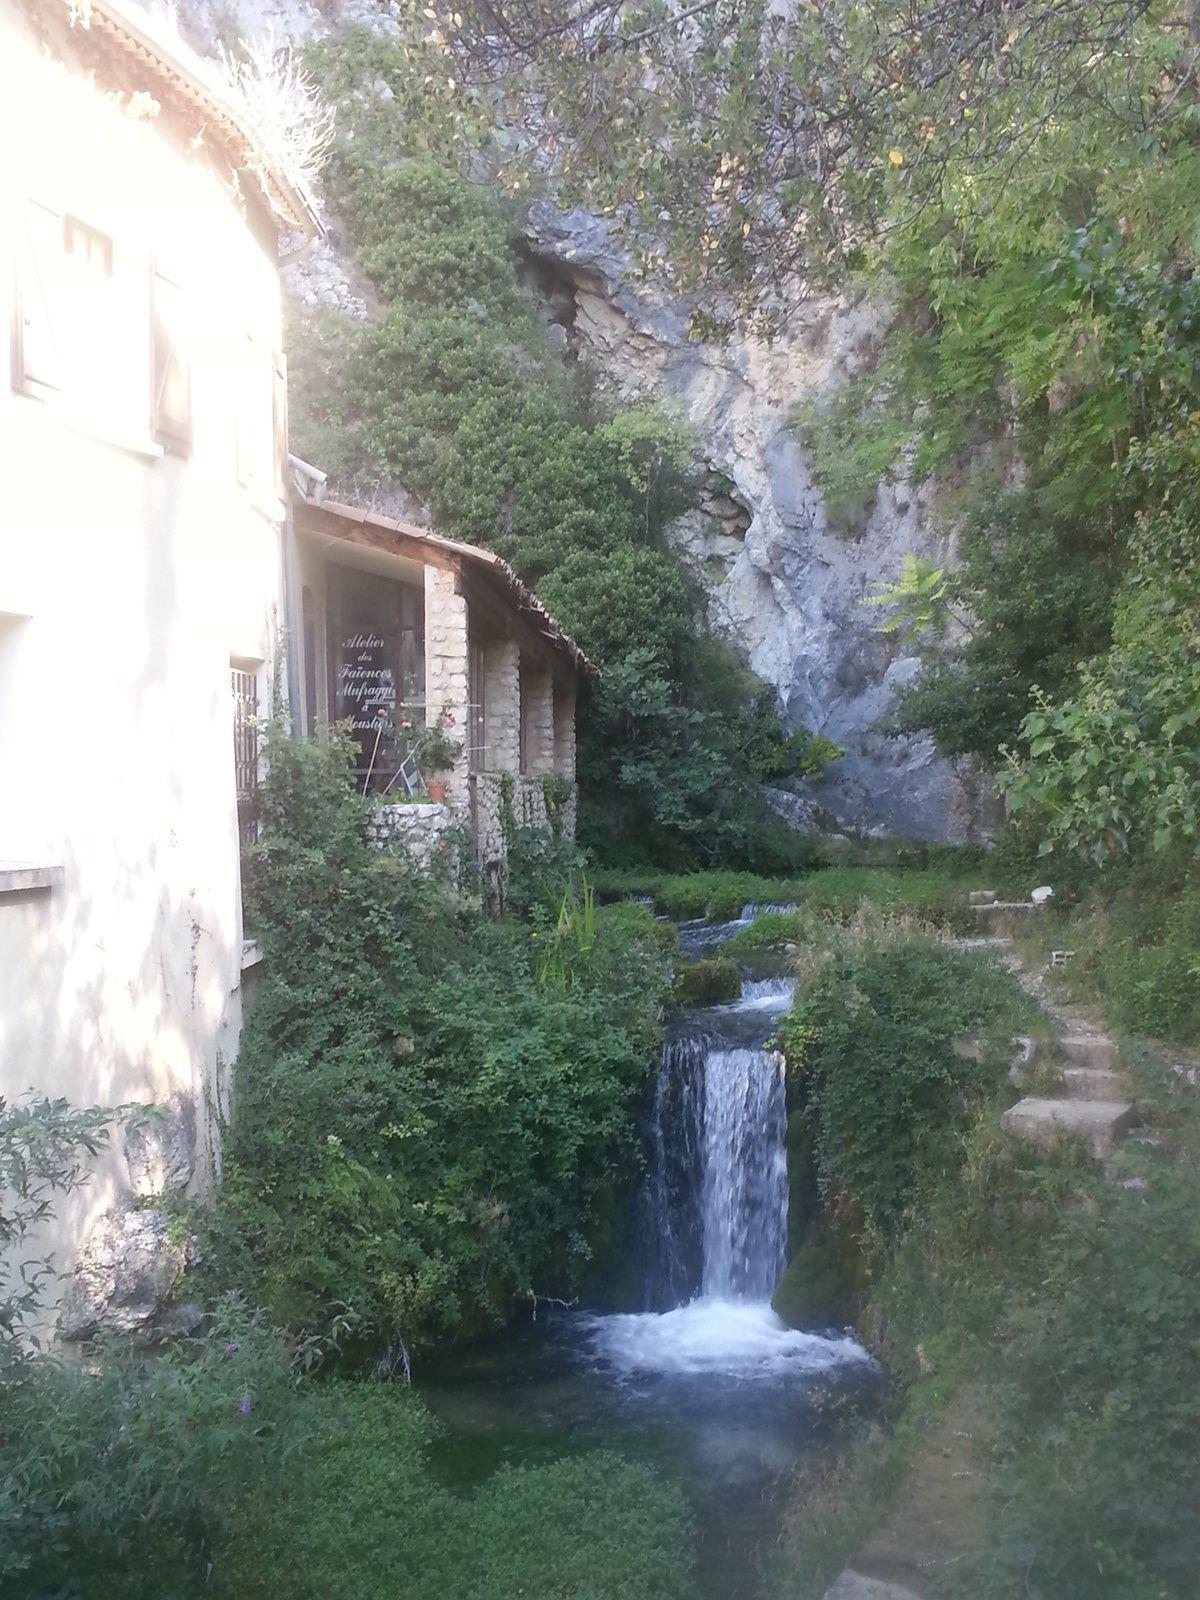 reportage Week en provence Alpes Cote d'azur